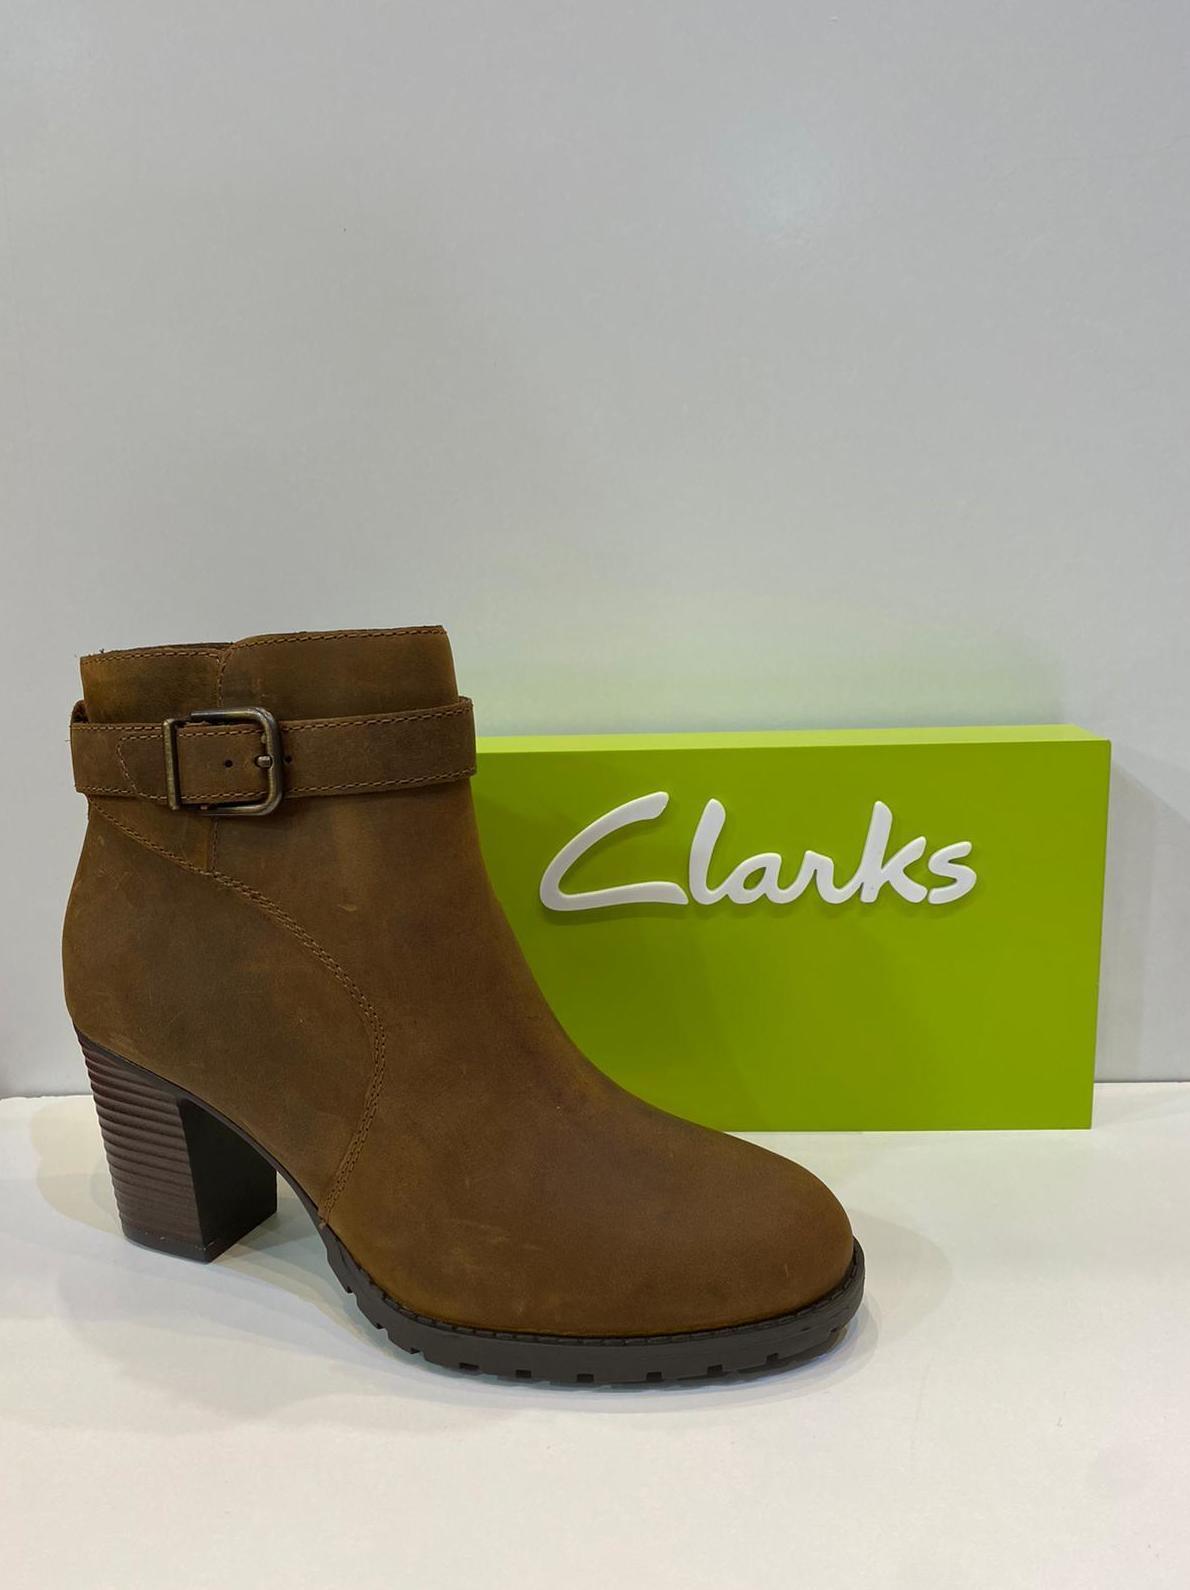 Botí de dona, de la marca Clarks, de nobuck hidrofugat, plantilla de làtex 99.95€